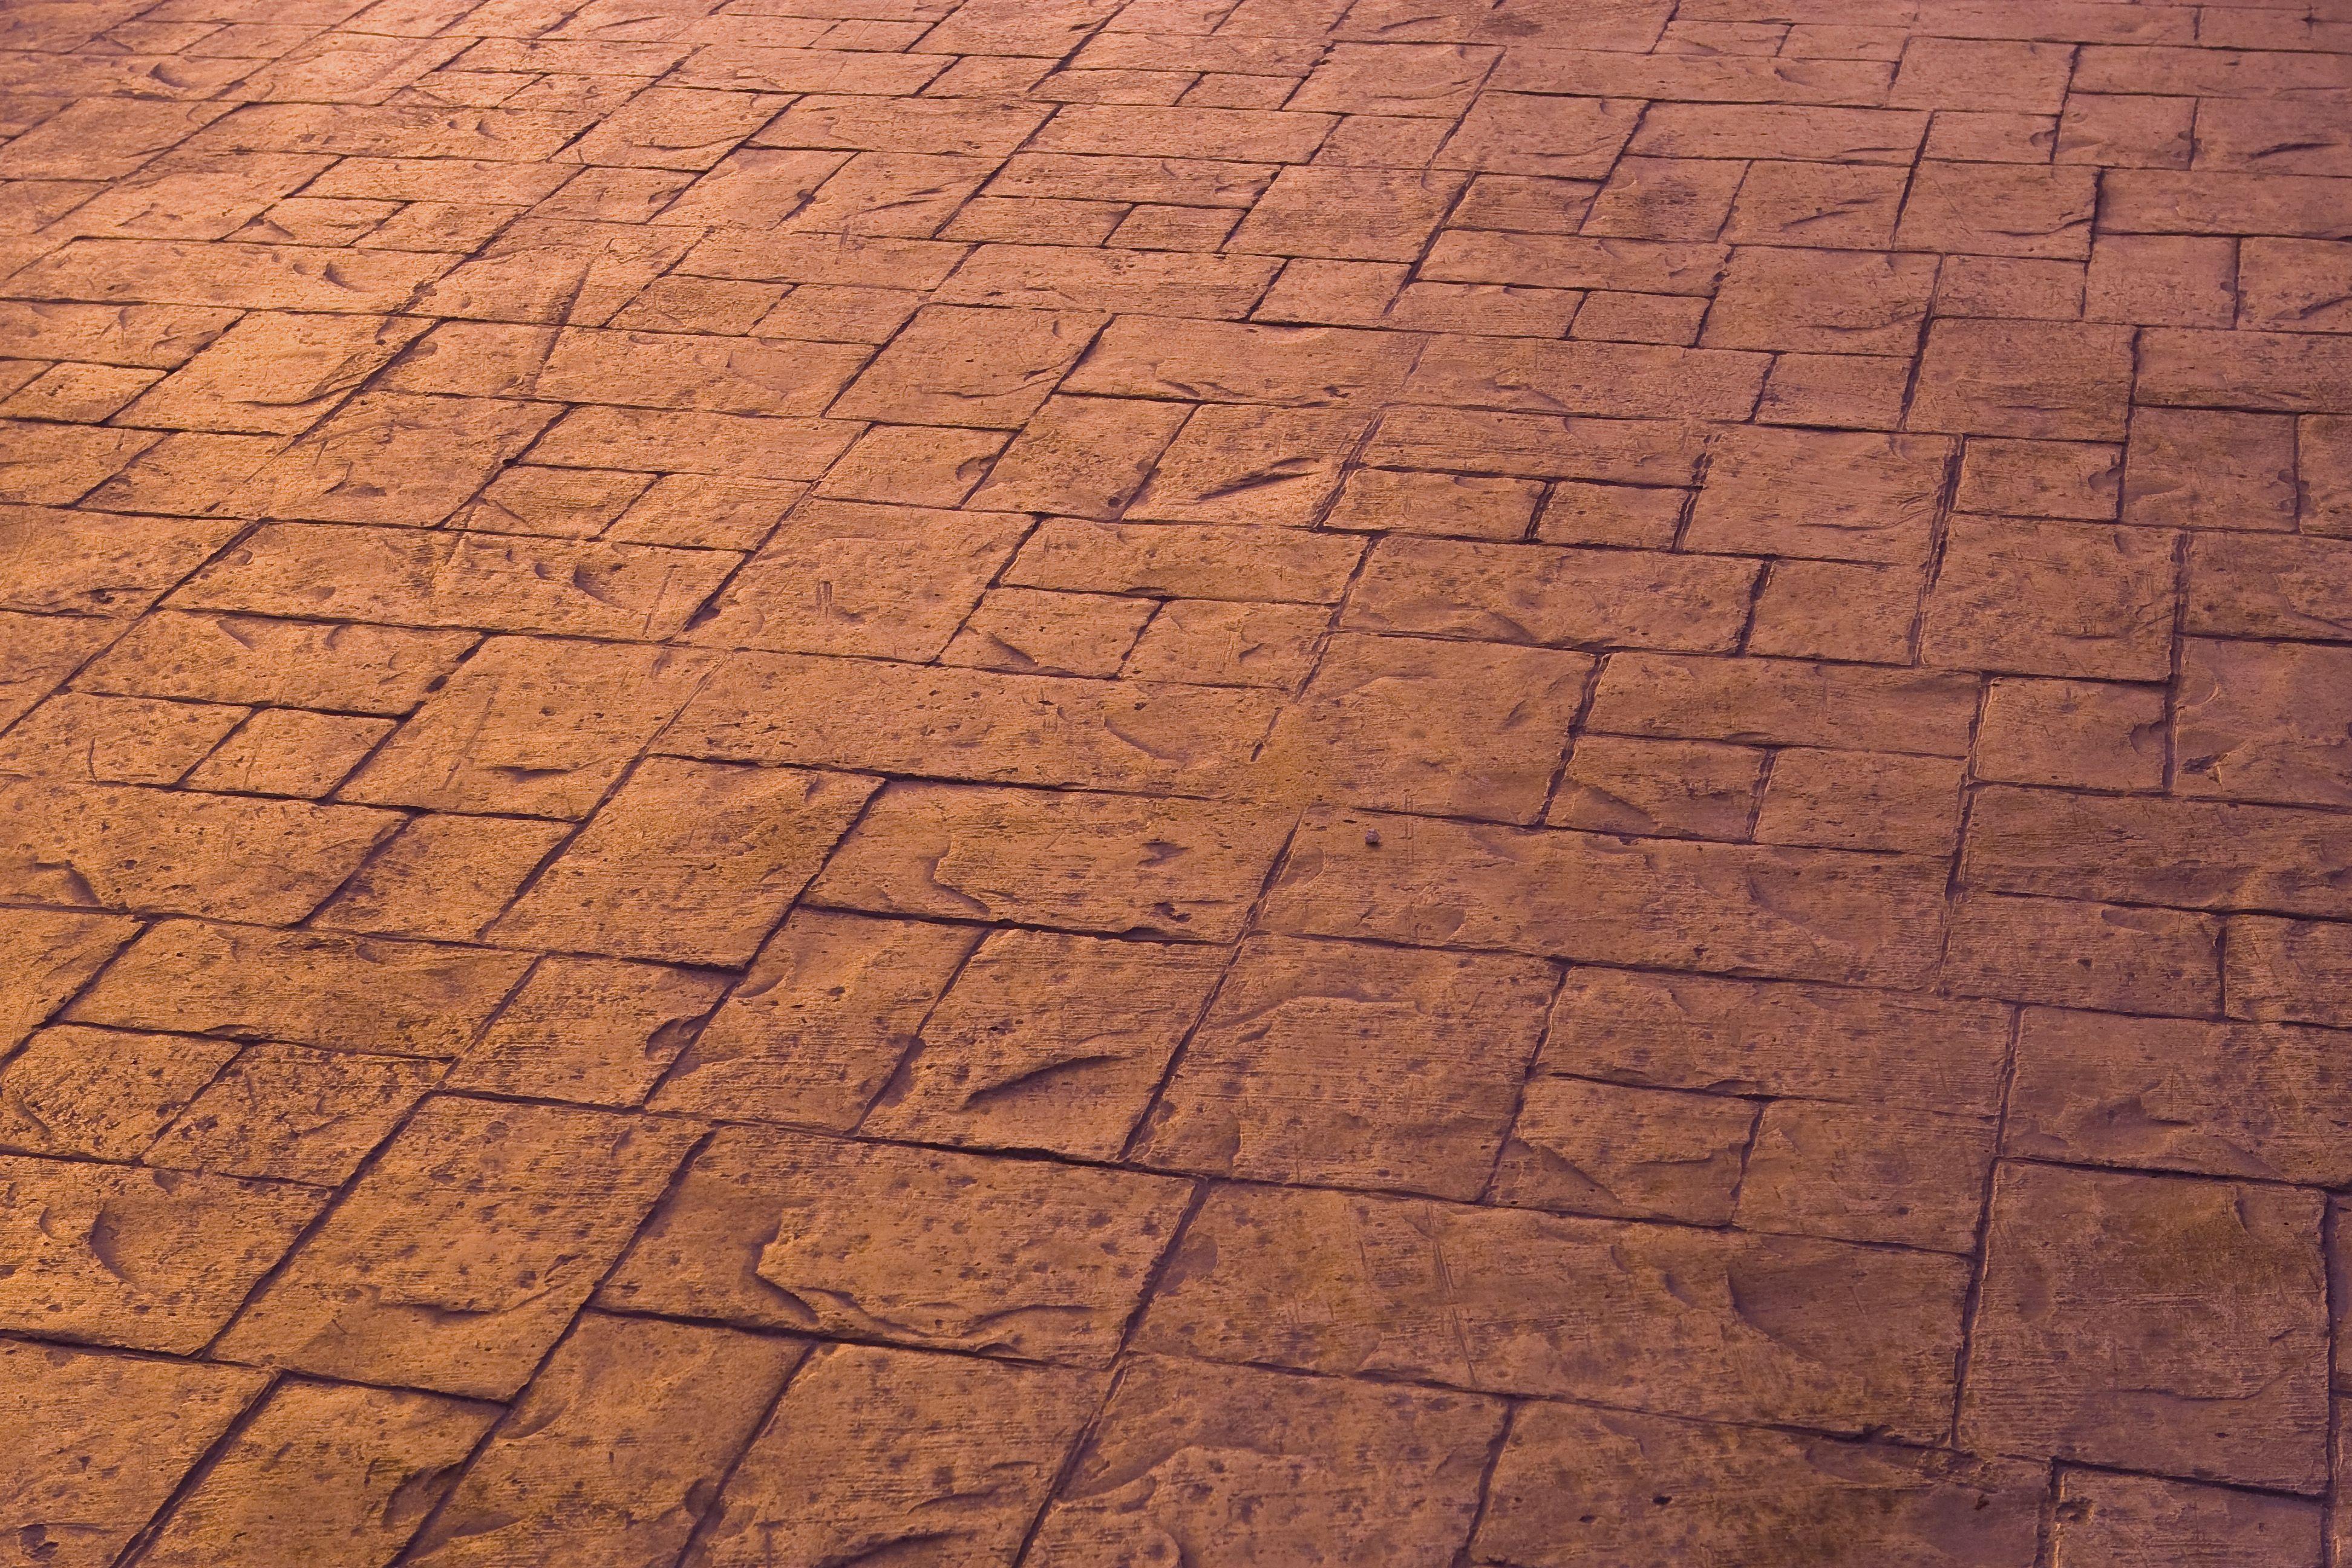 Pavimentos de diferentes texturas y formas